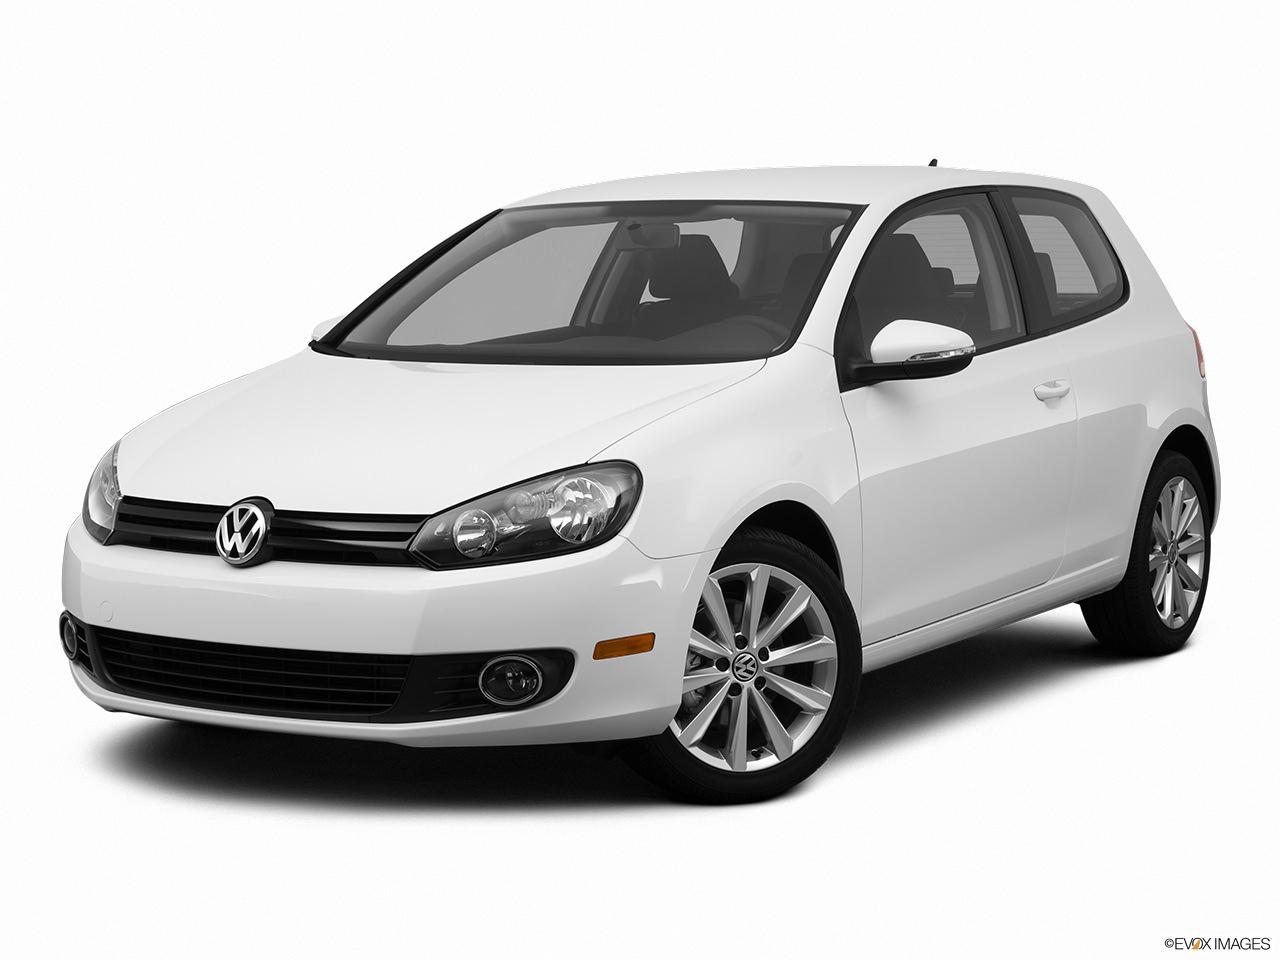 Volkswagen TDI 2012